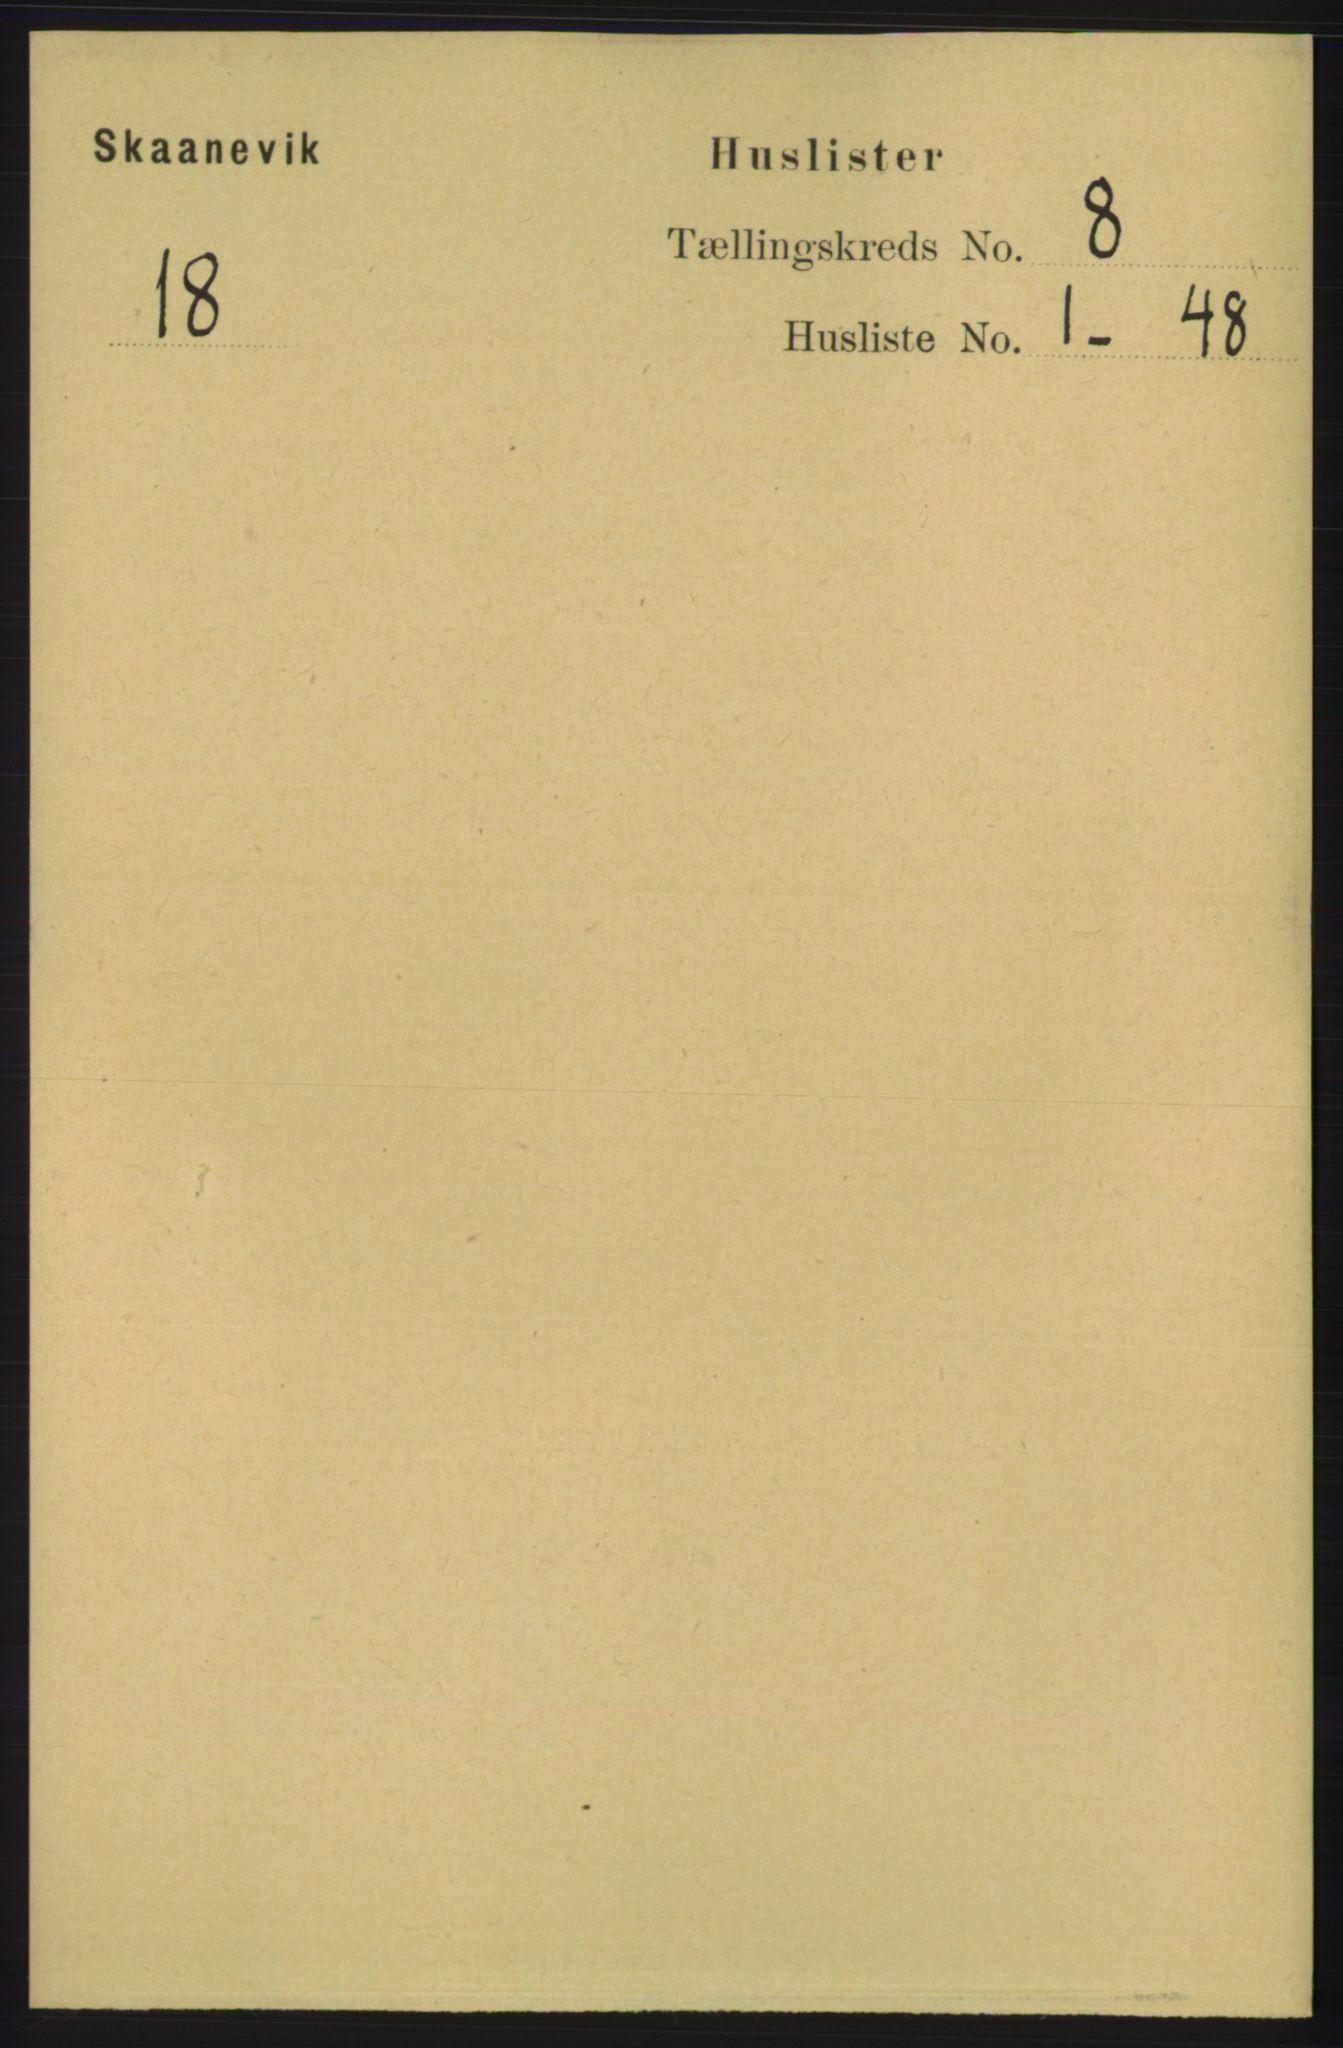 RA, Folketelling 1891 for 1212 Skånevik herred, 1891, s. 2130